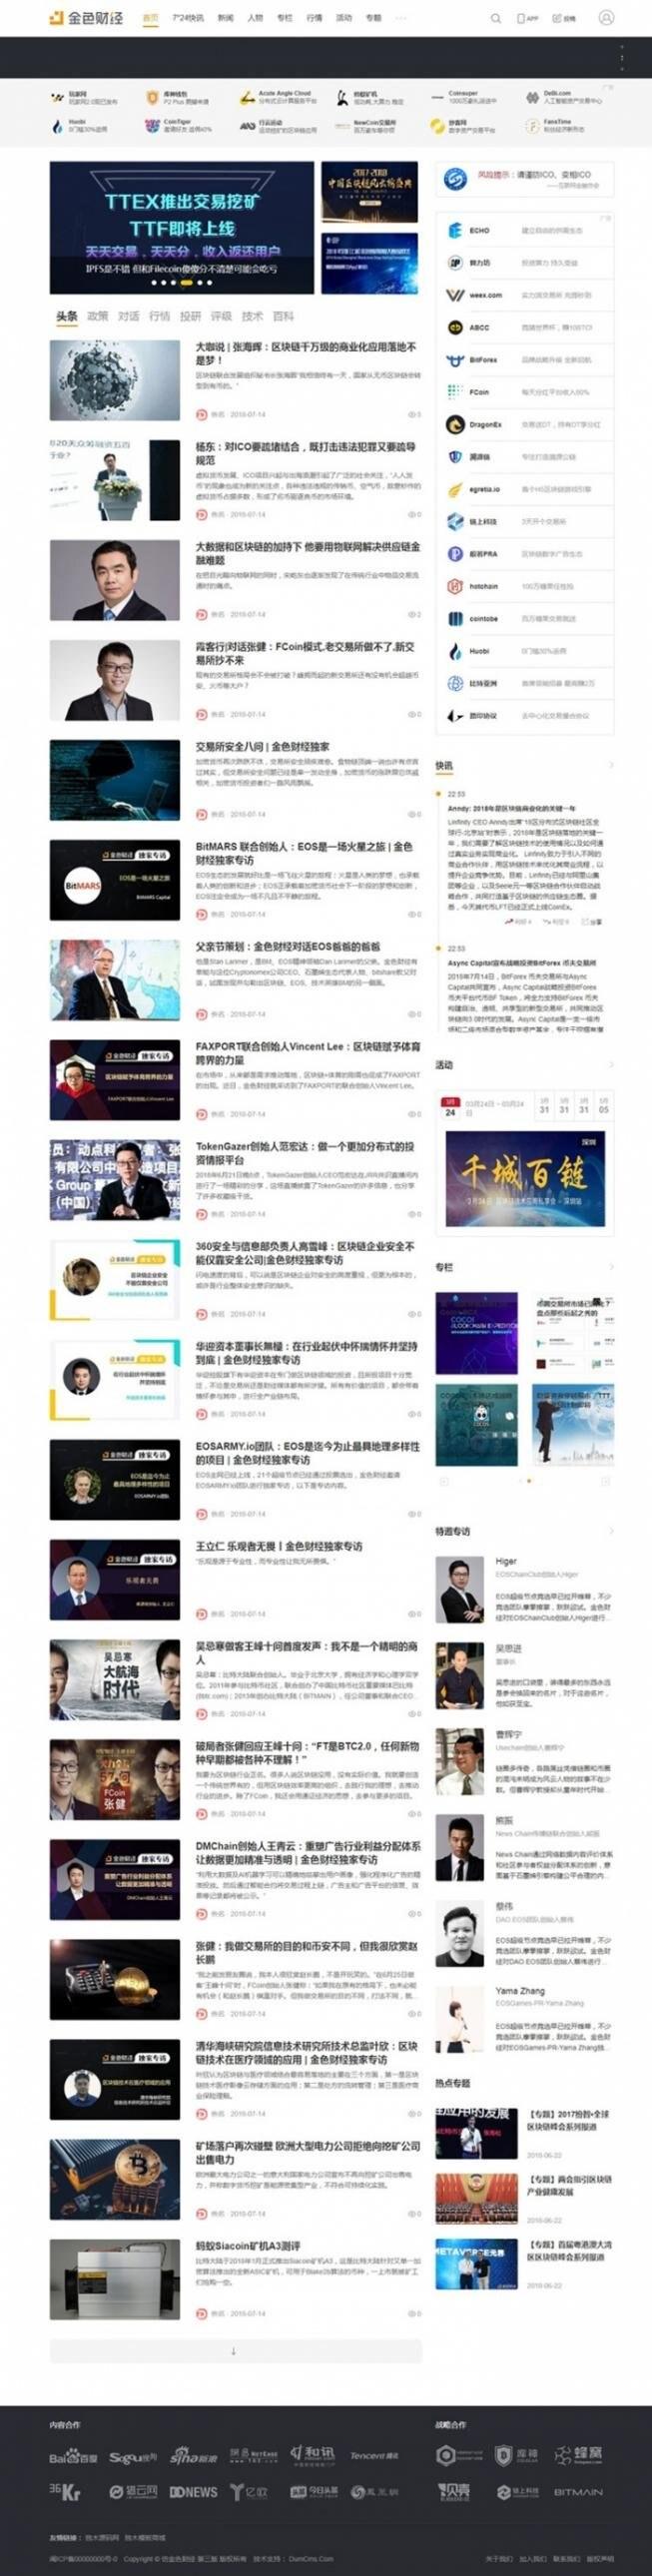 【金色财经理财门户】2020.07最新帝国CMS7.5高仿财经综合门户资讯整站源码自适应手机端